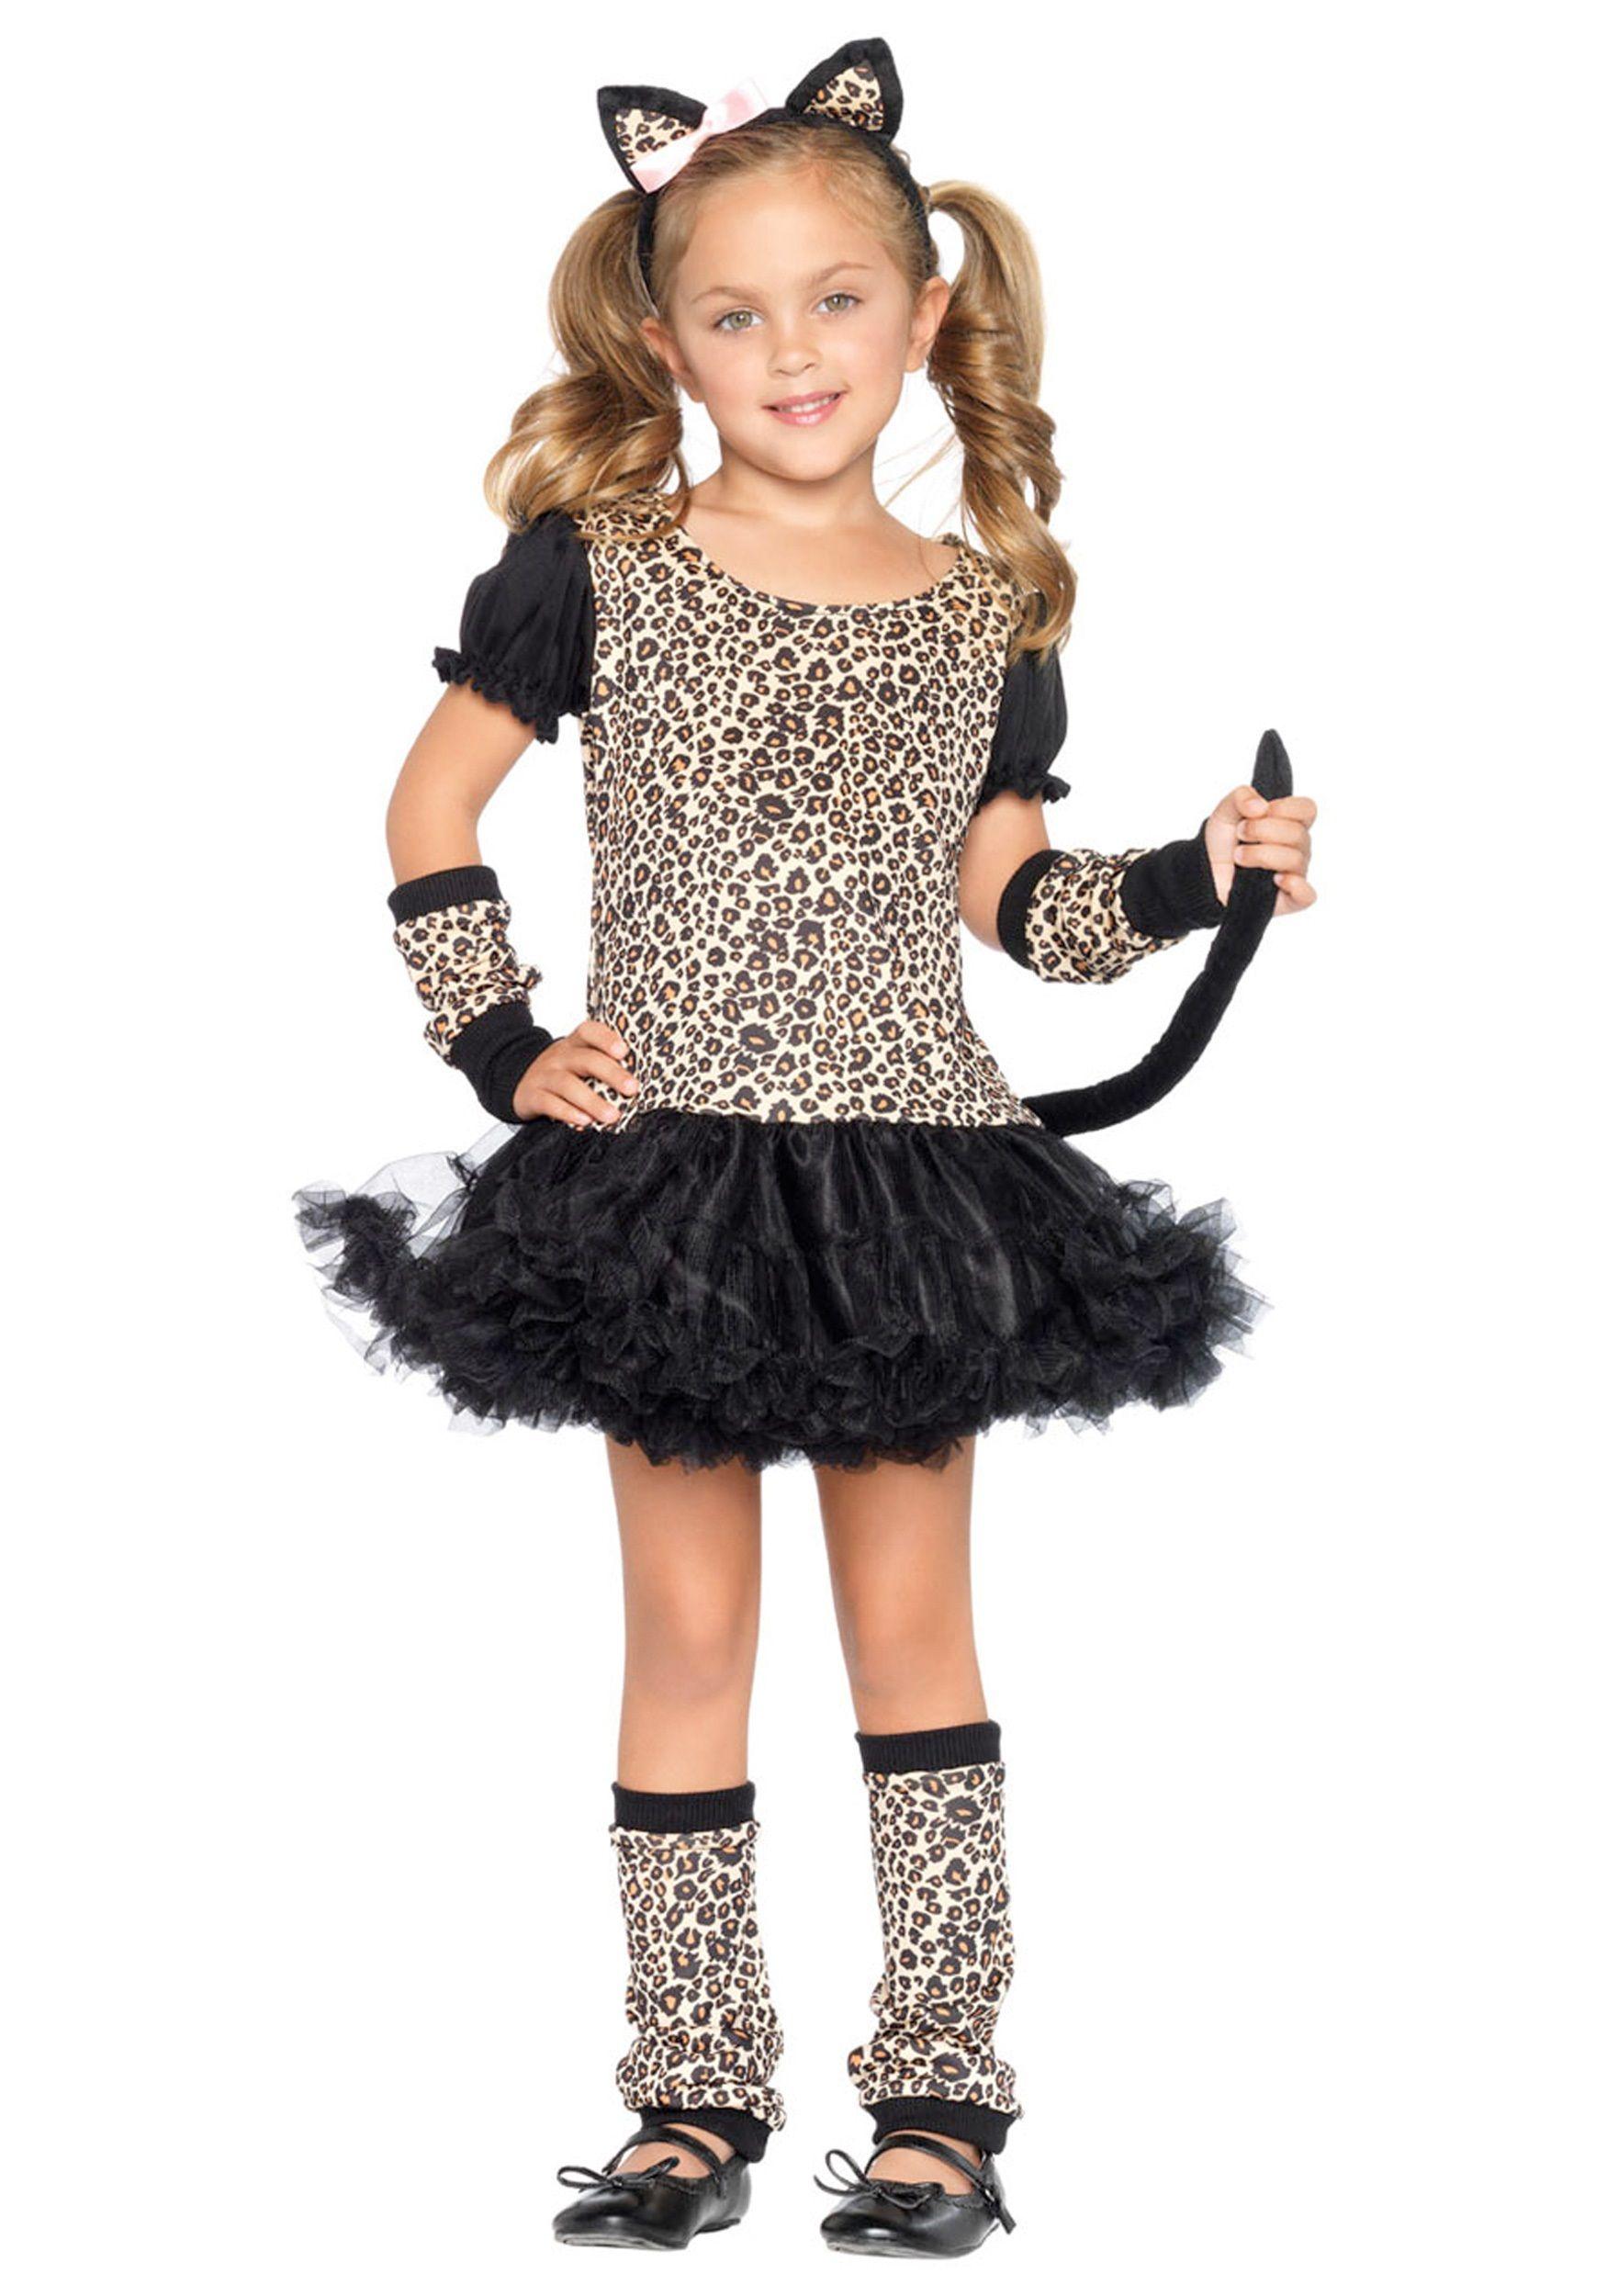 tutus for girls girls tutu kitty cat costume child halloween cat costumes for girls - Cat Outfit For Halloween